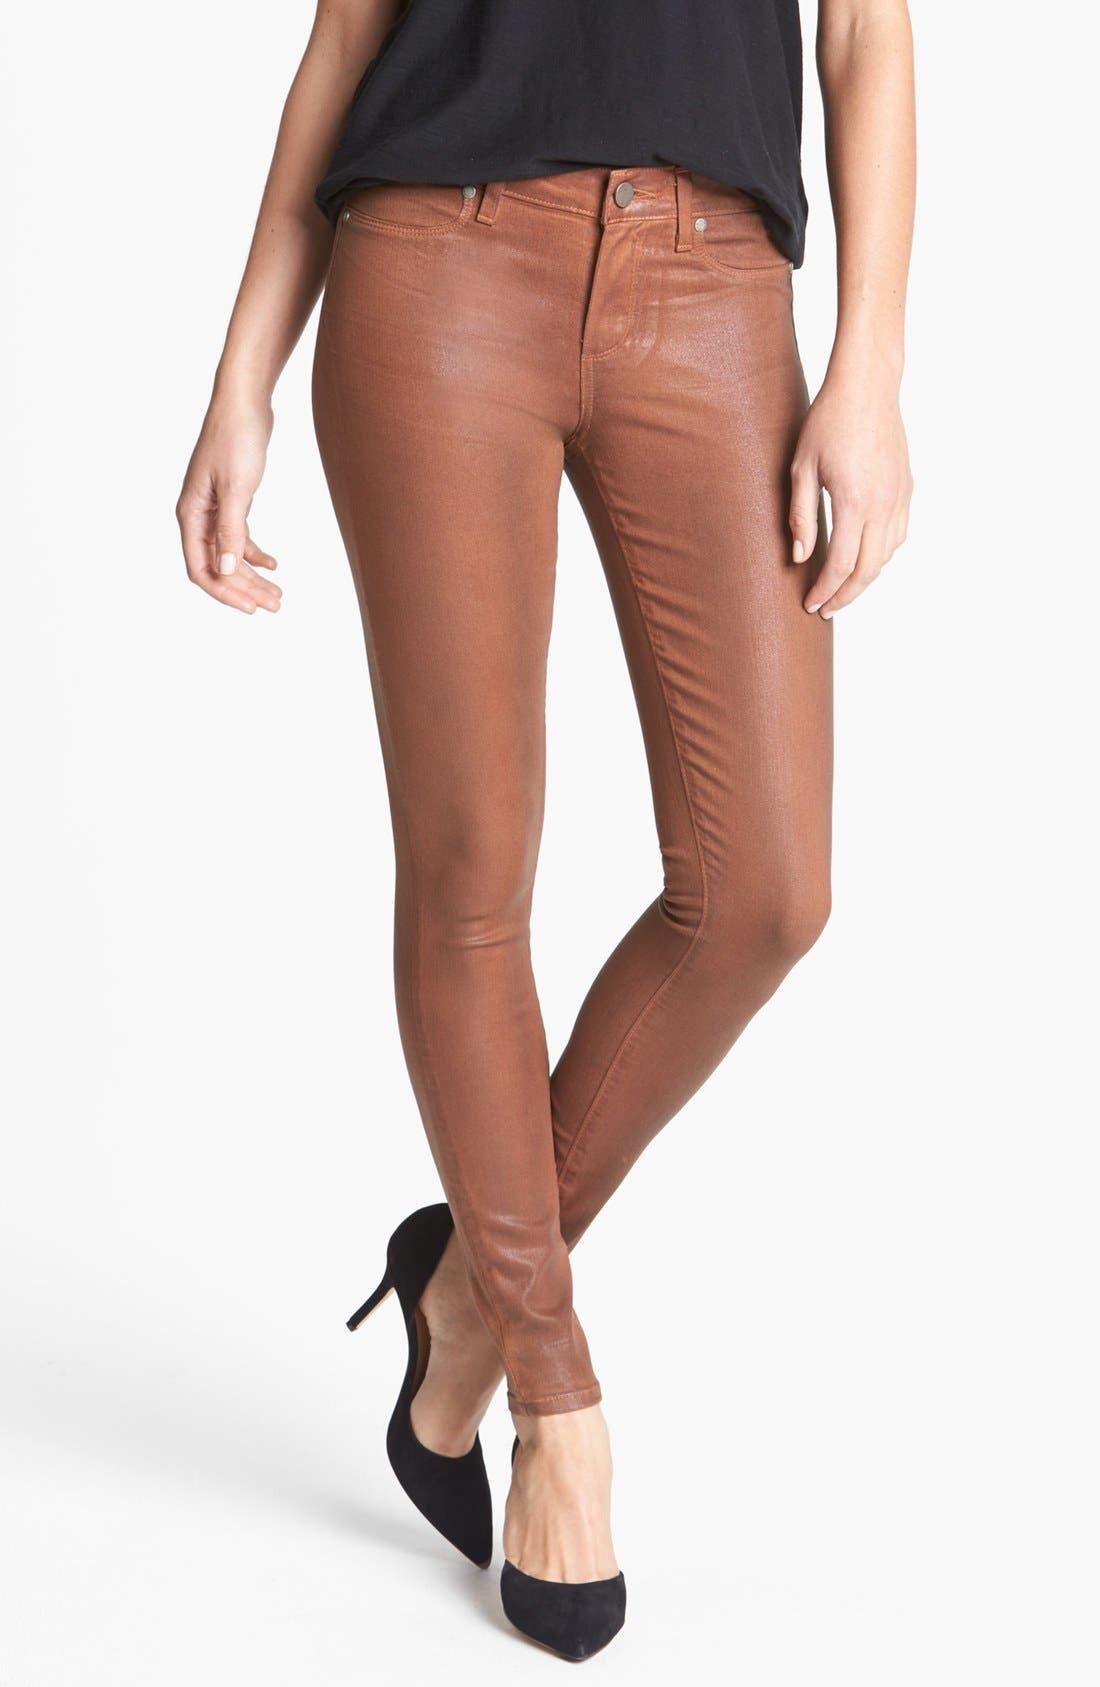 Main Image - Paige Denim 'Verdugo' Coated Ultra Skinny Jeans (Saddle)